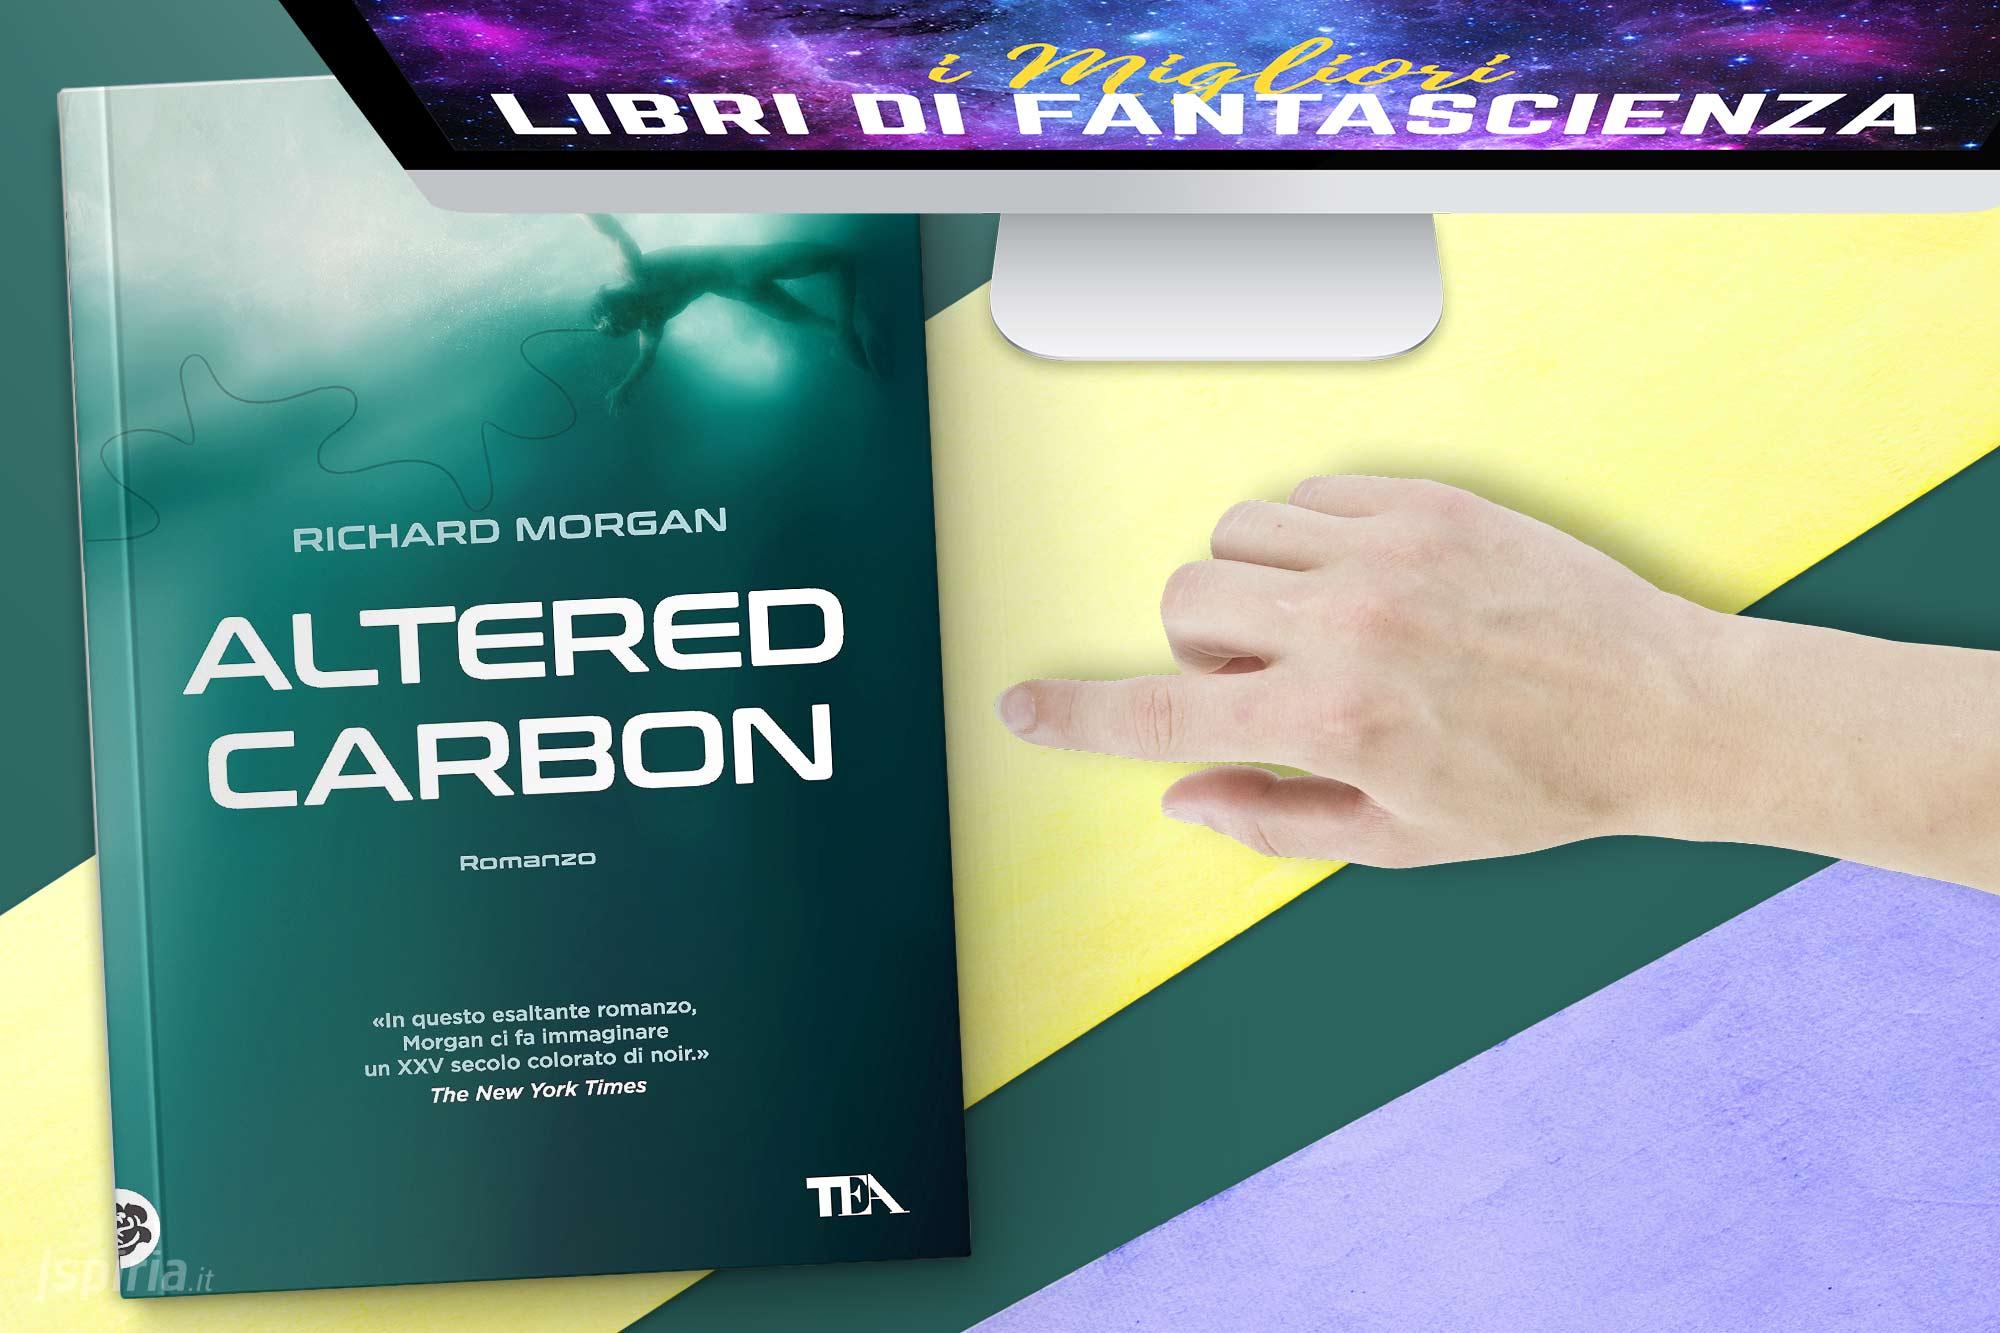 altered-carbon-libro-fantascienza-migliore